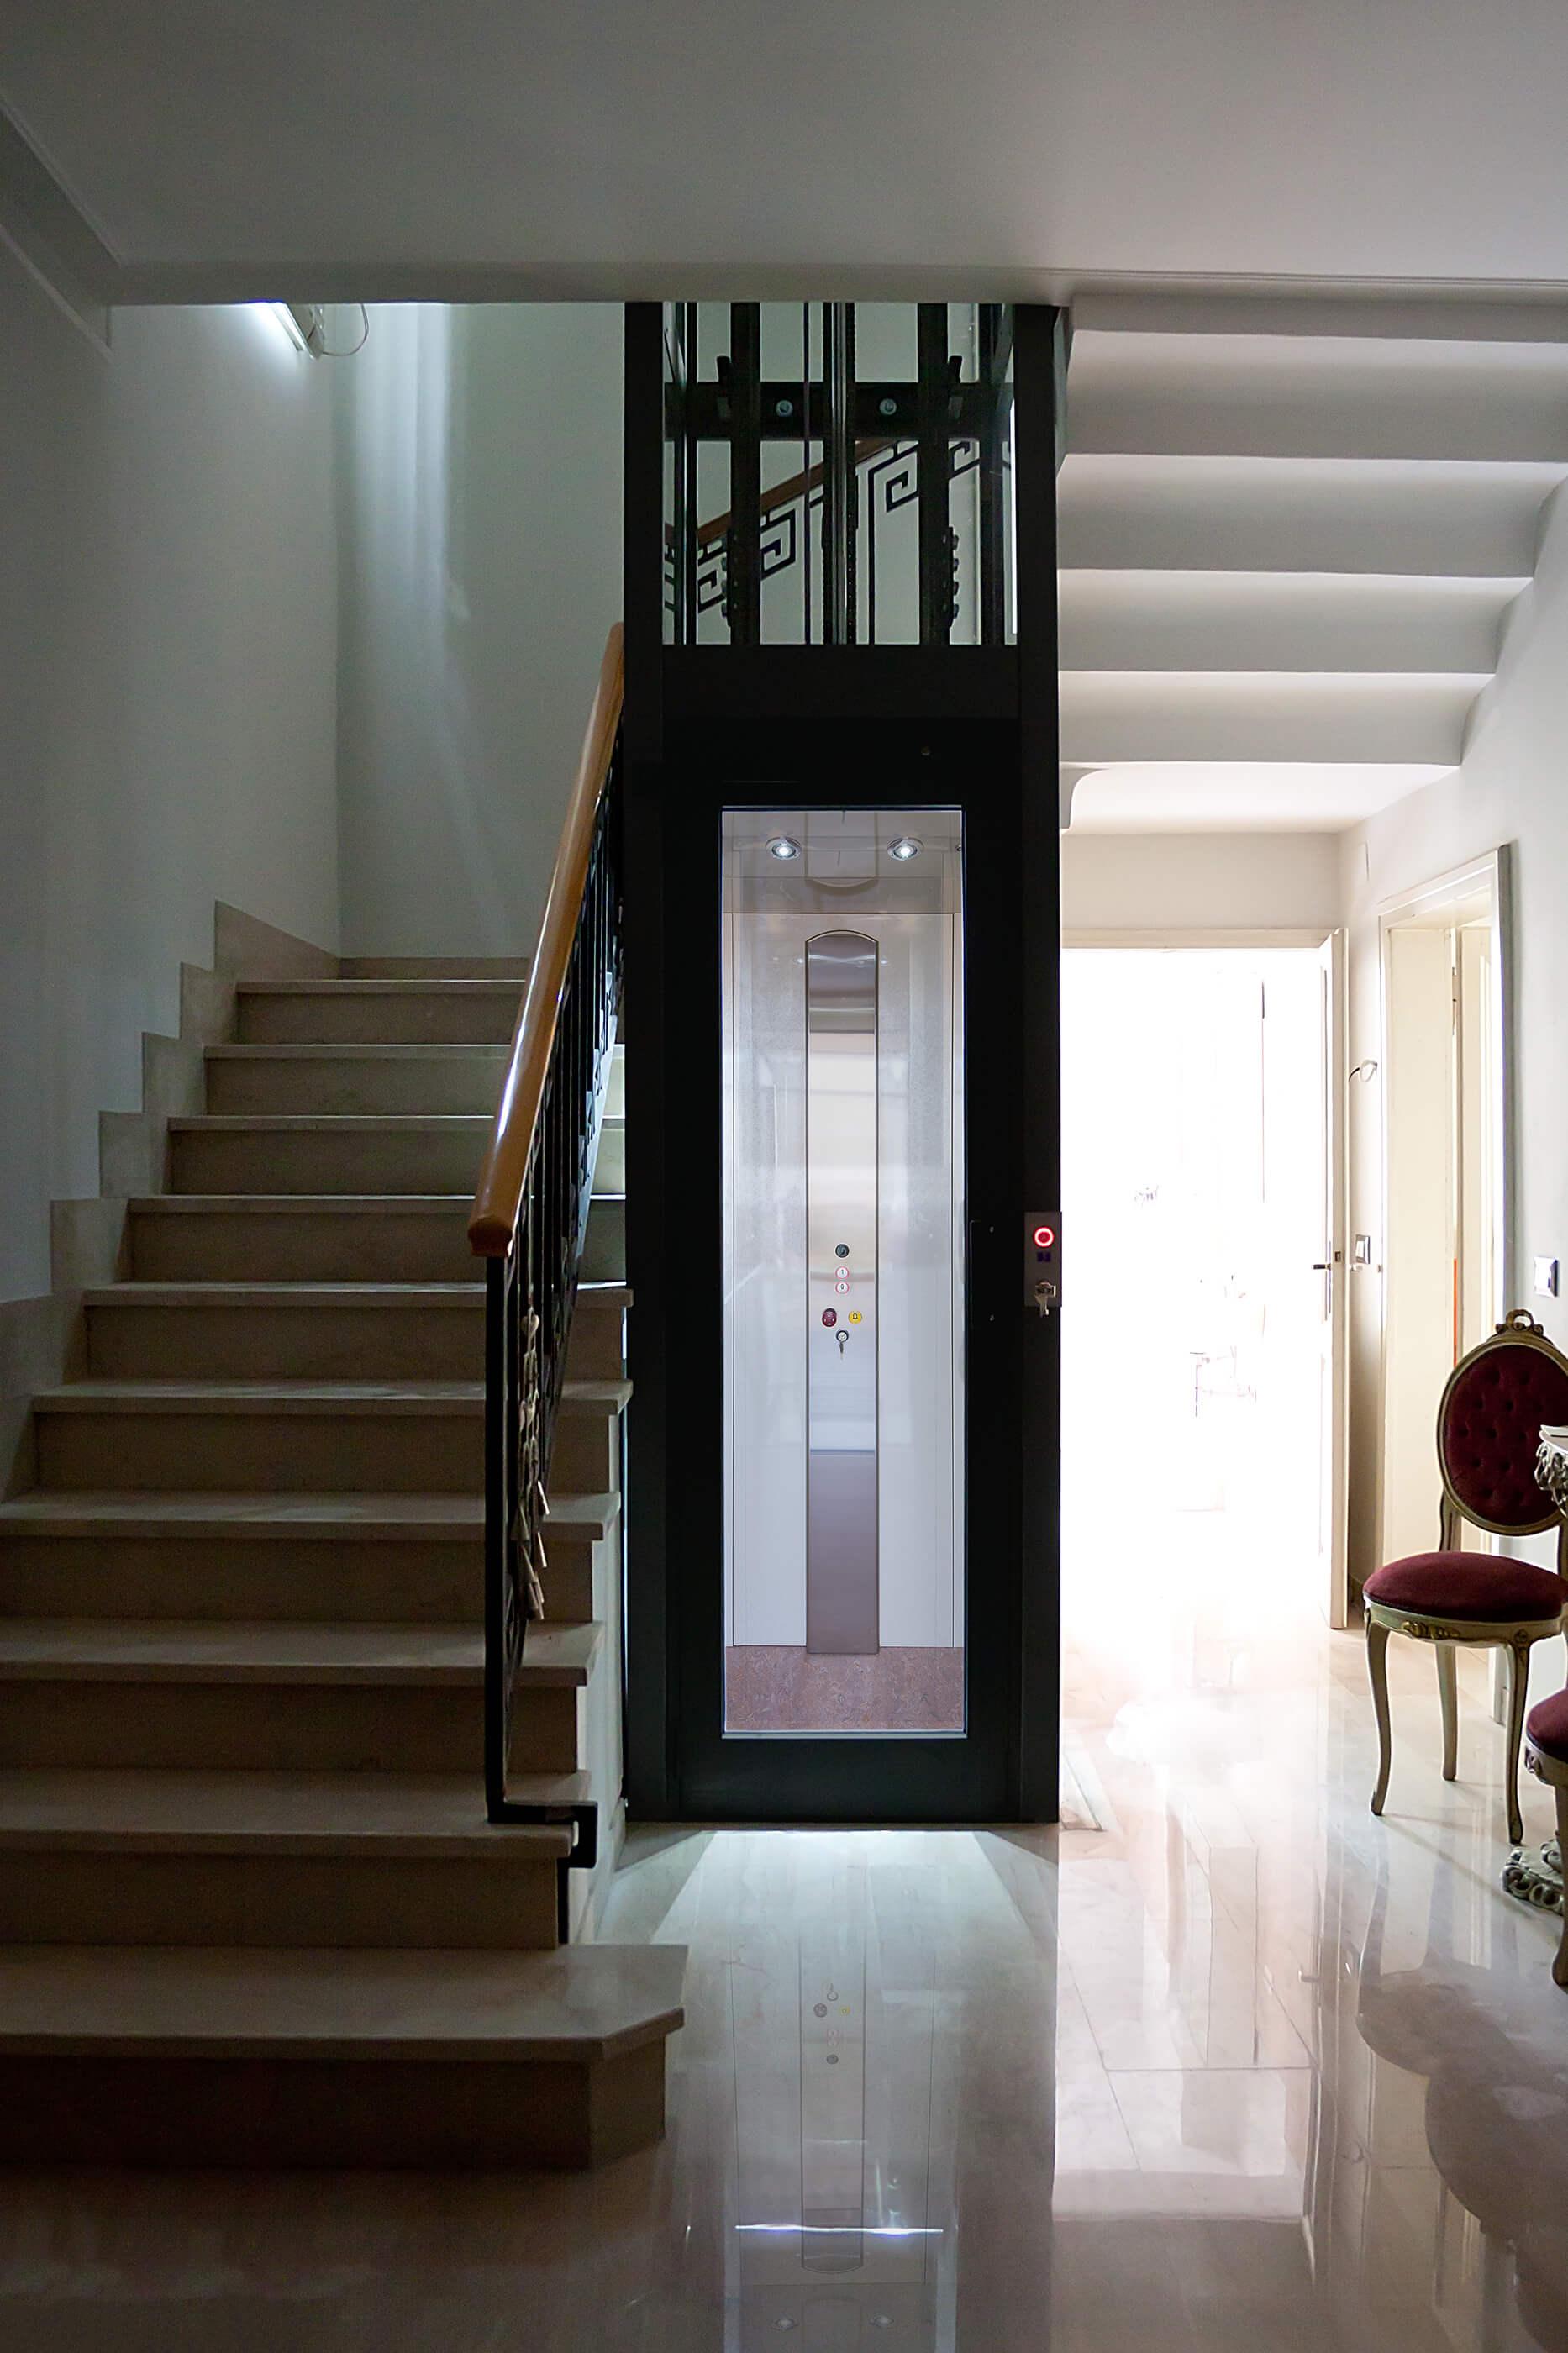 Installation d'un ascenseur dans un immeuble